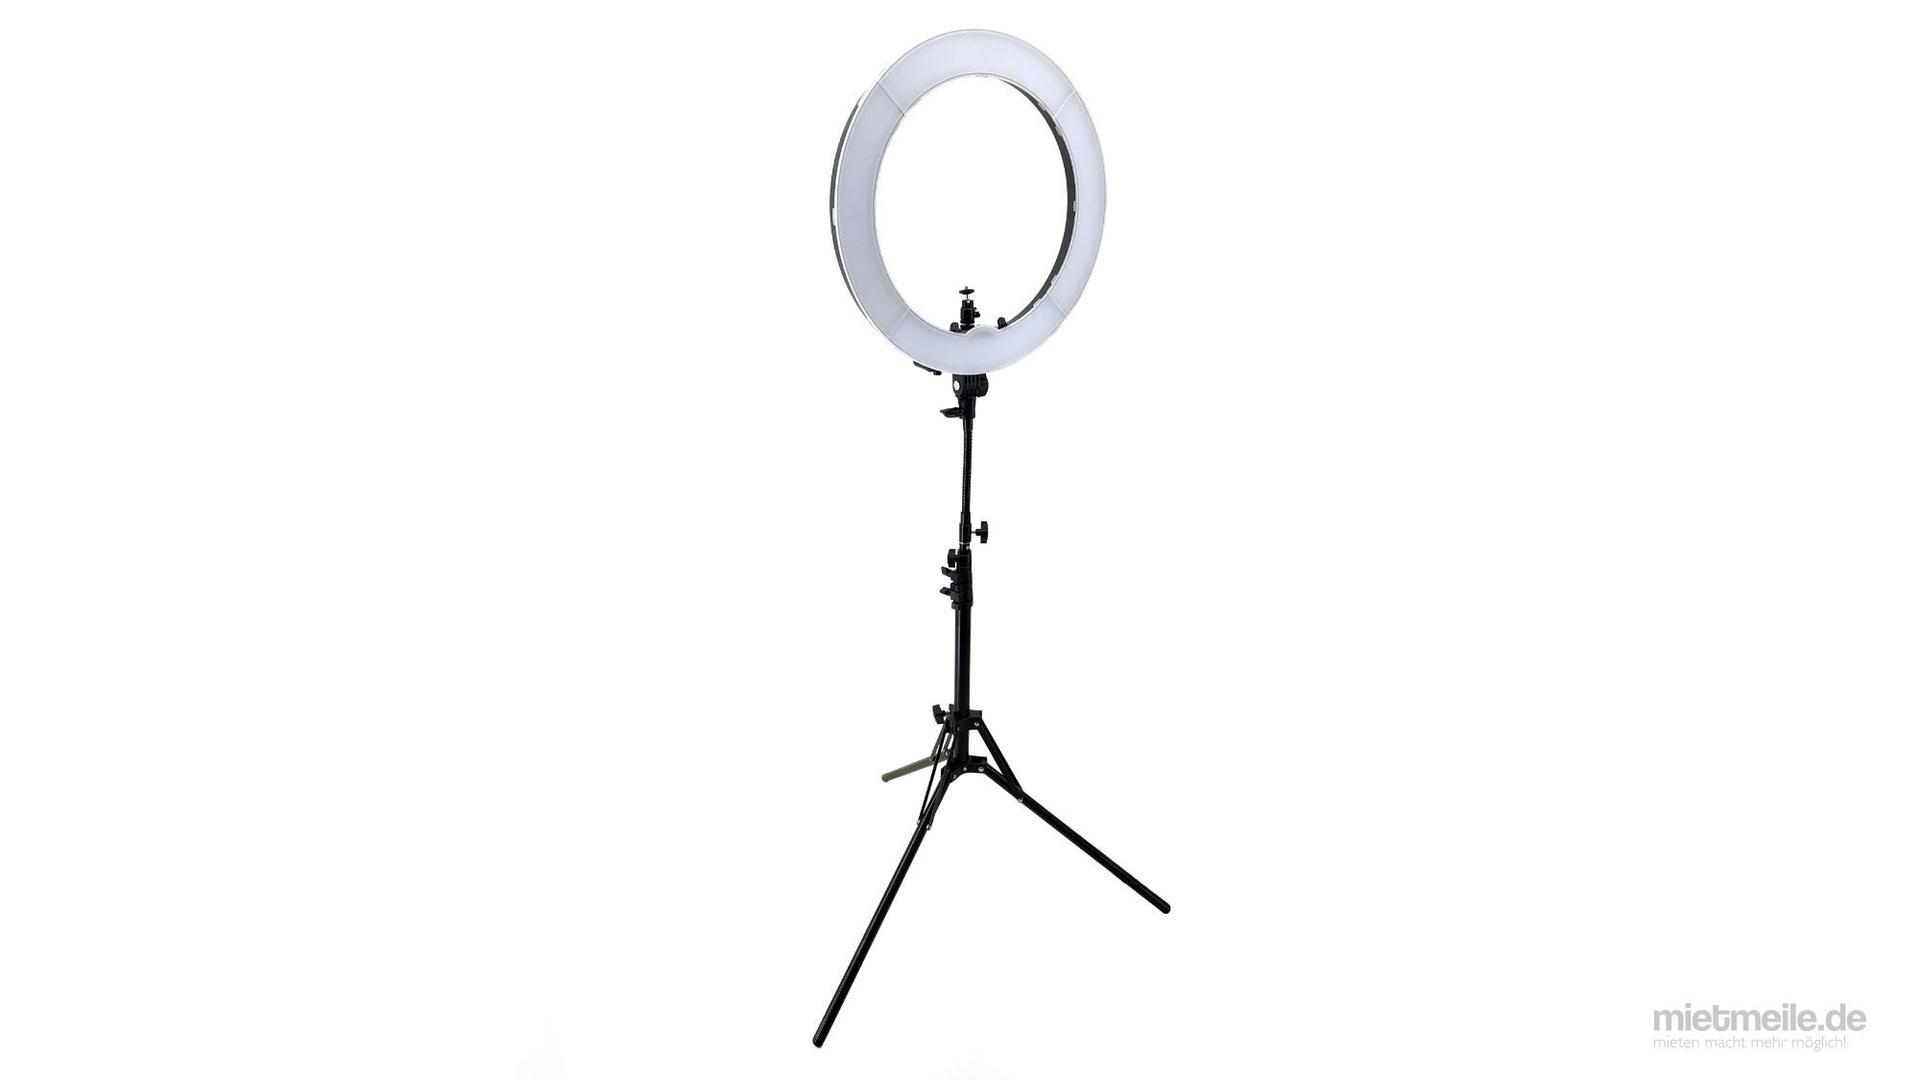 Kamerazubehör mieten & vermieten - Ringlicht Ringleuchte LED Studiolicht in Schkeuditz